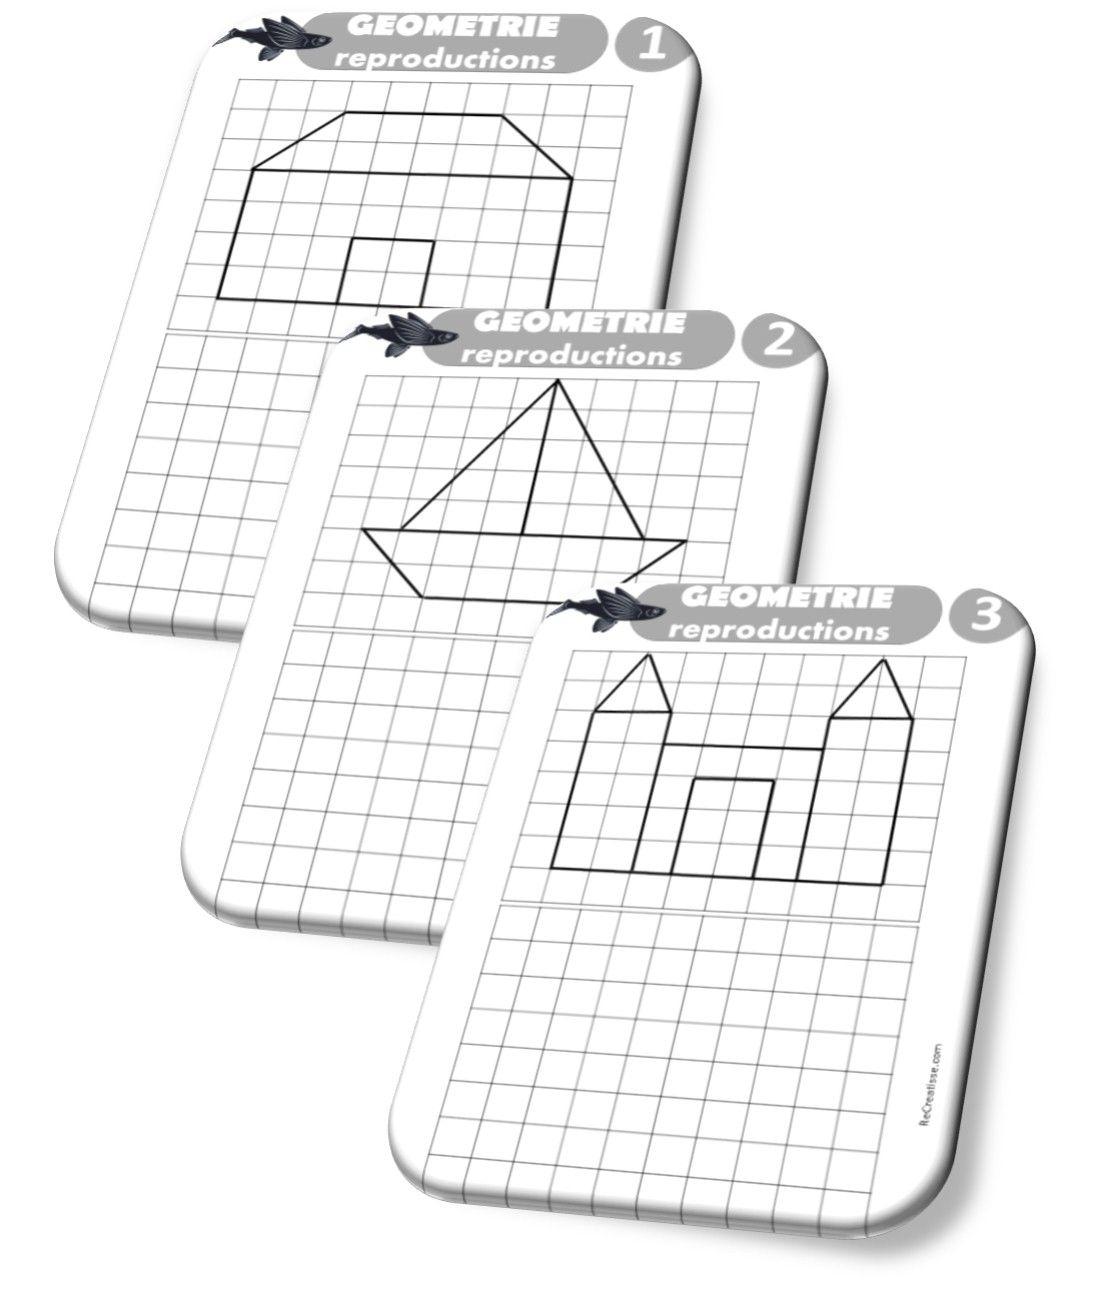 Séquence Géométrie : Repérage Et Orientation Dans L'espace tout Reproduction Sur Quadrillage Cp